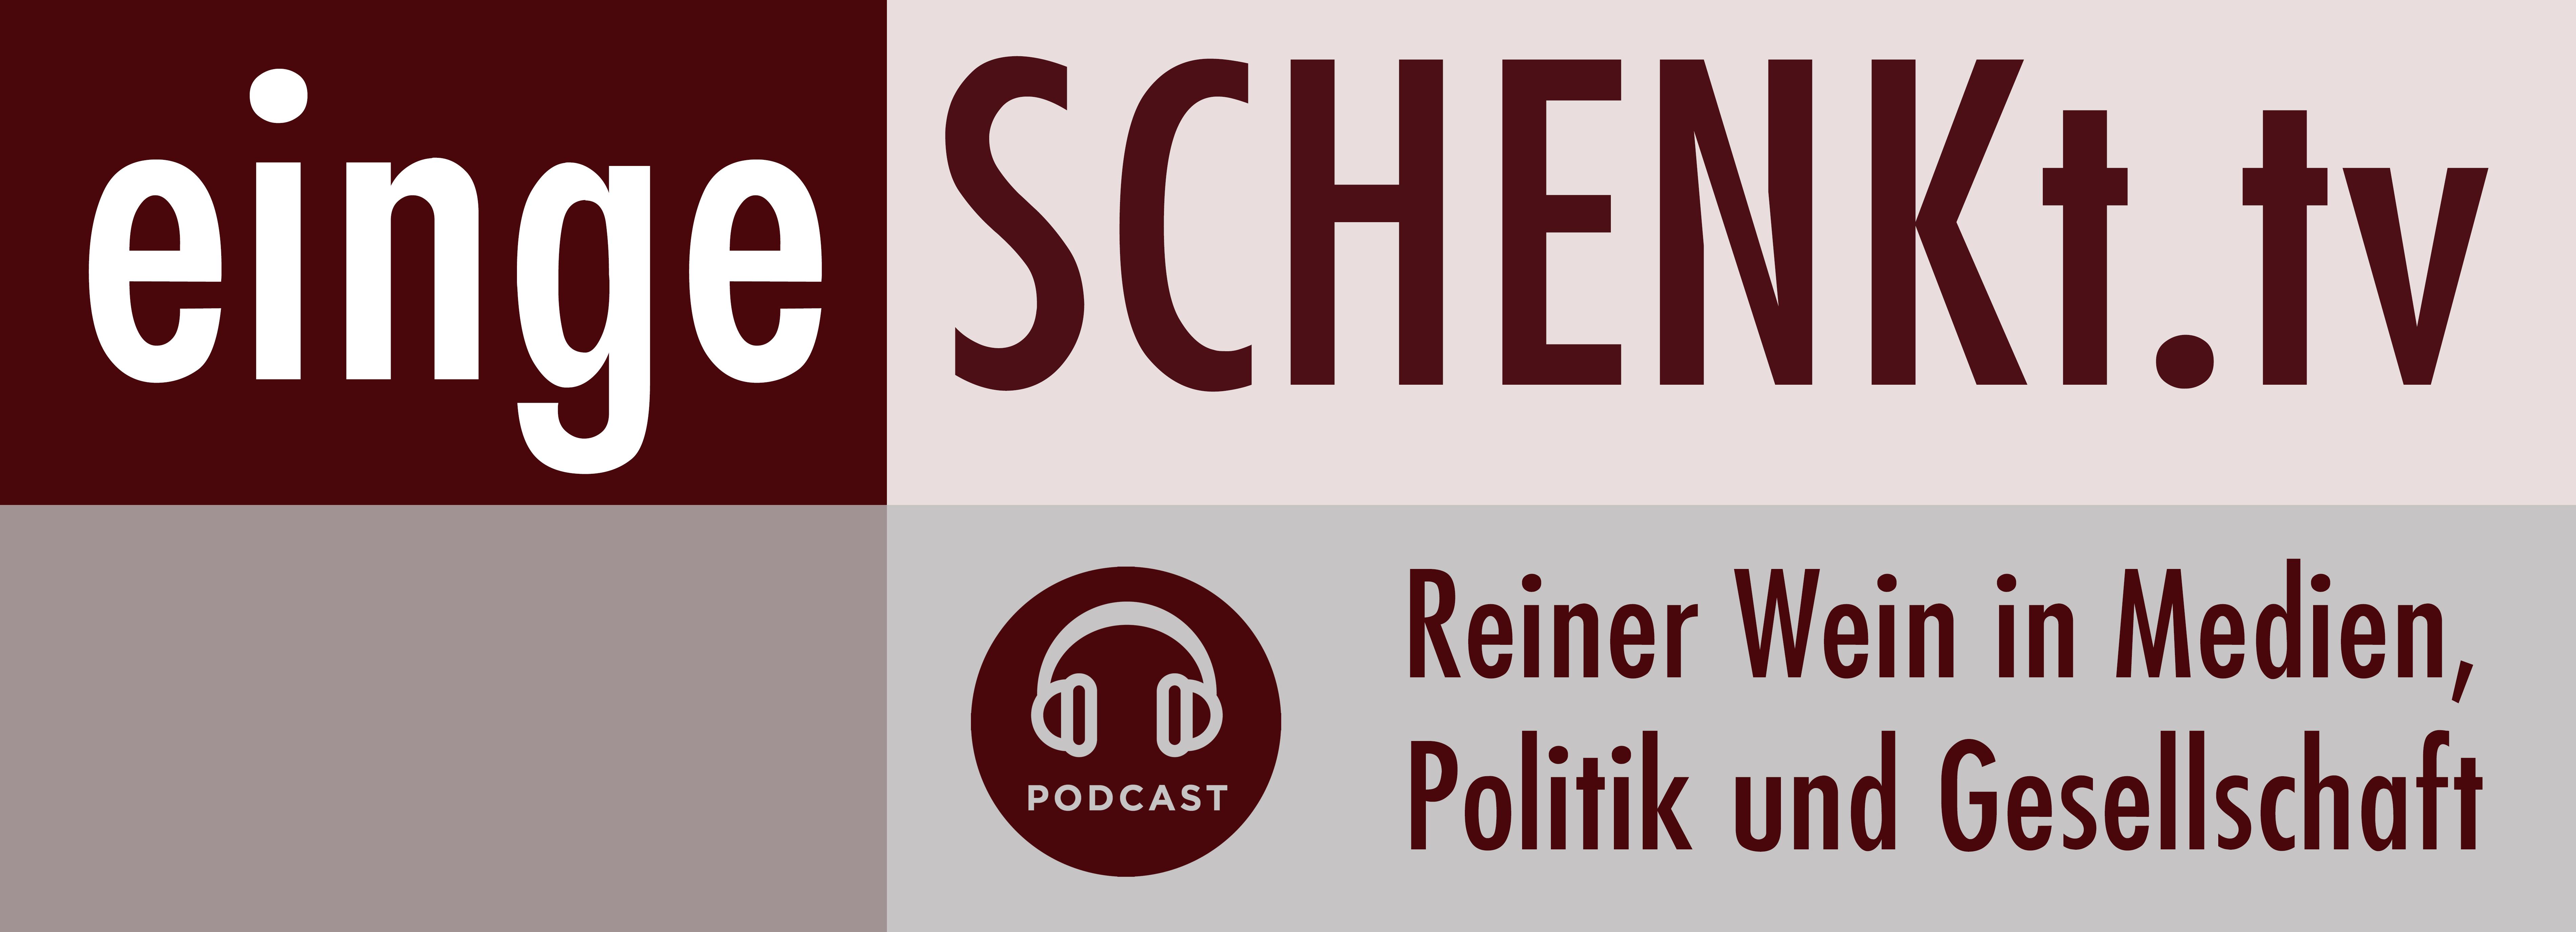 eingeSCHENKt.tv Podcast